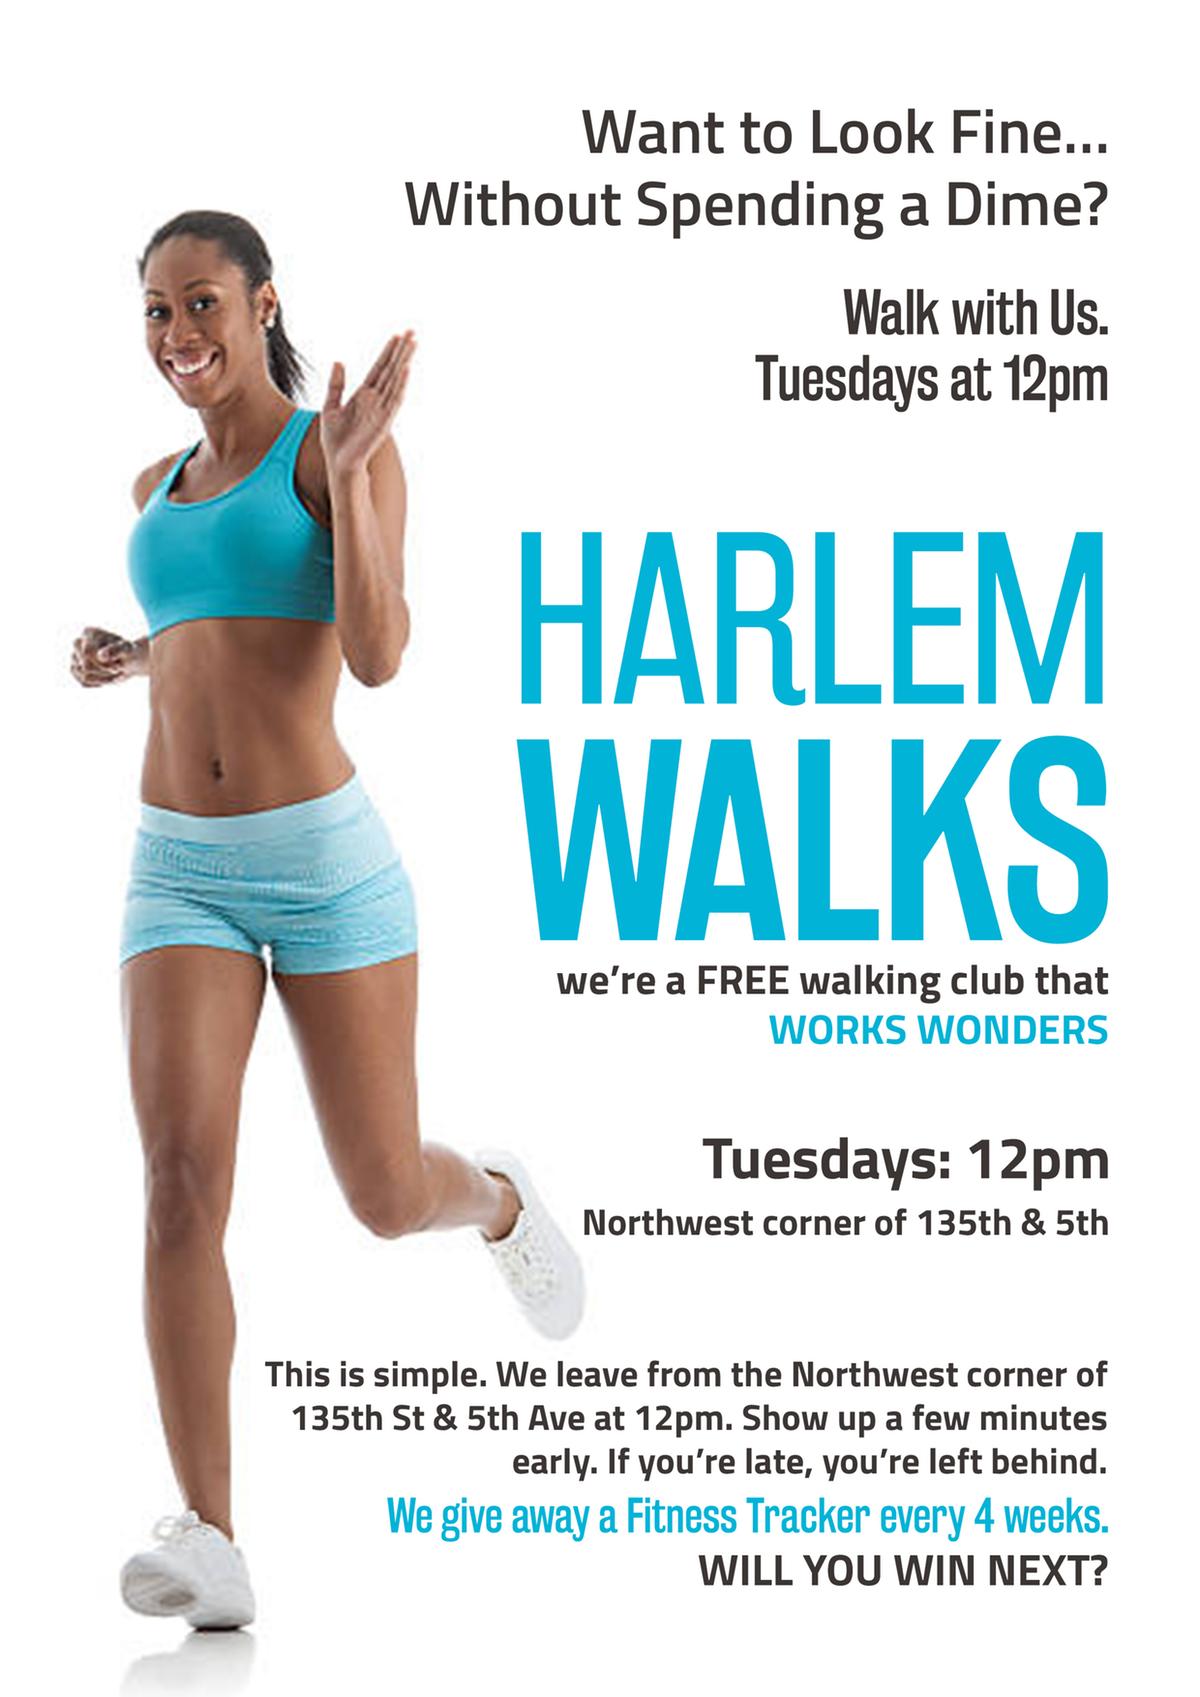 Flyer for a Harlem walking club